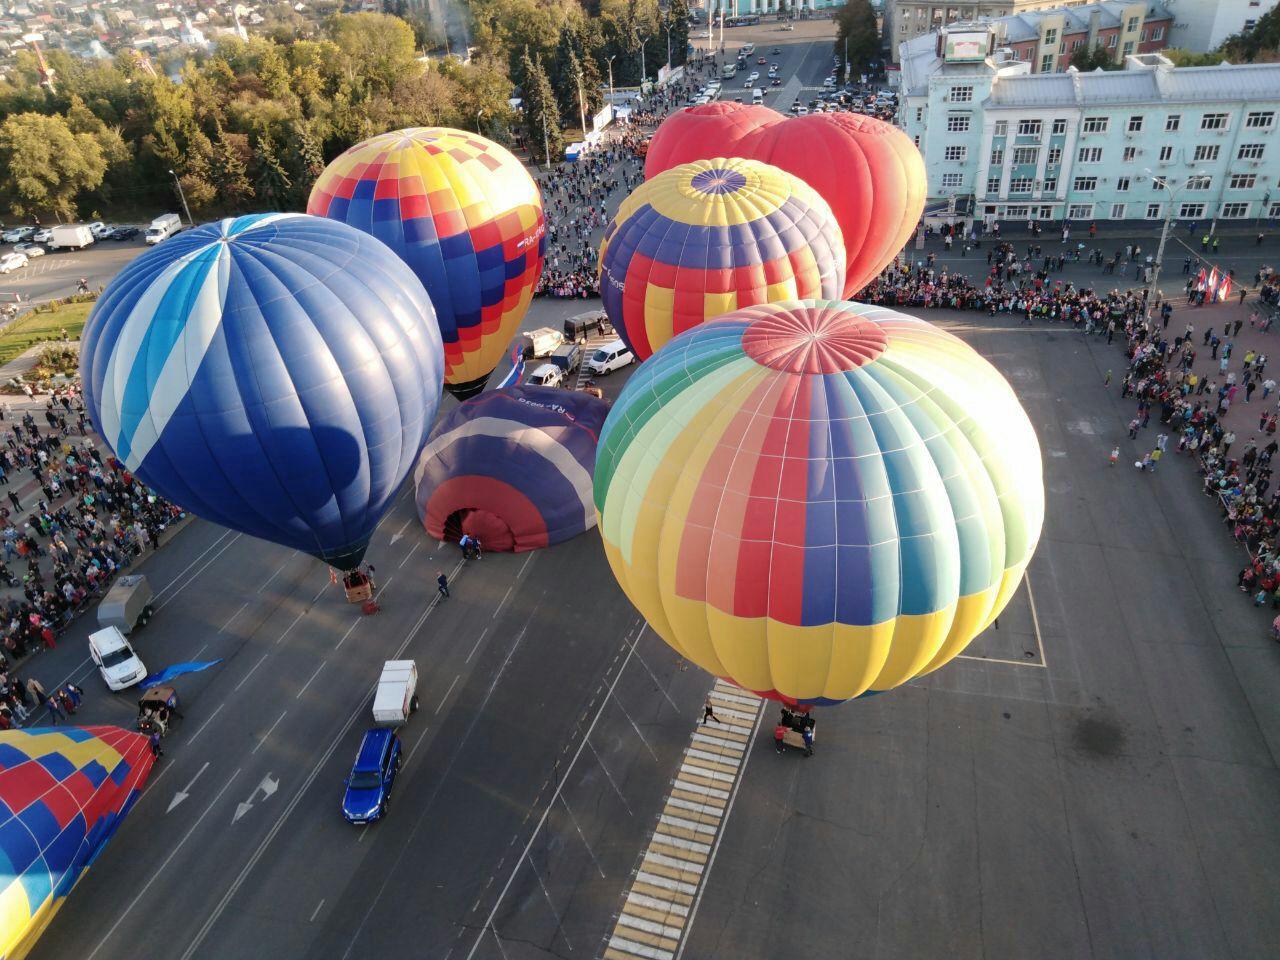 На День города в Курске снова устроят фестиваль воздушных шаров